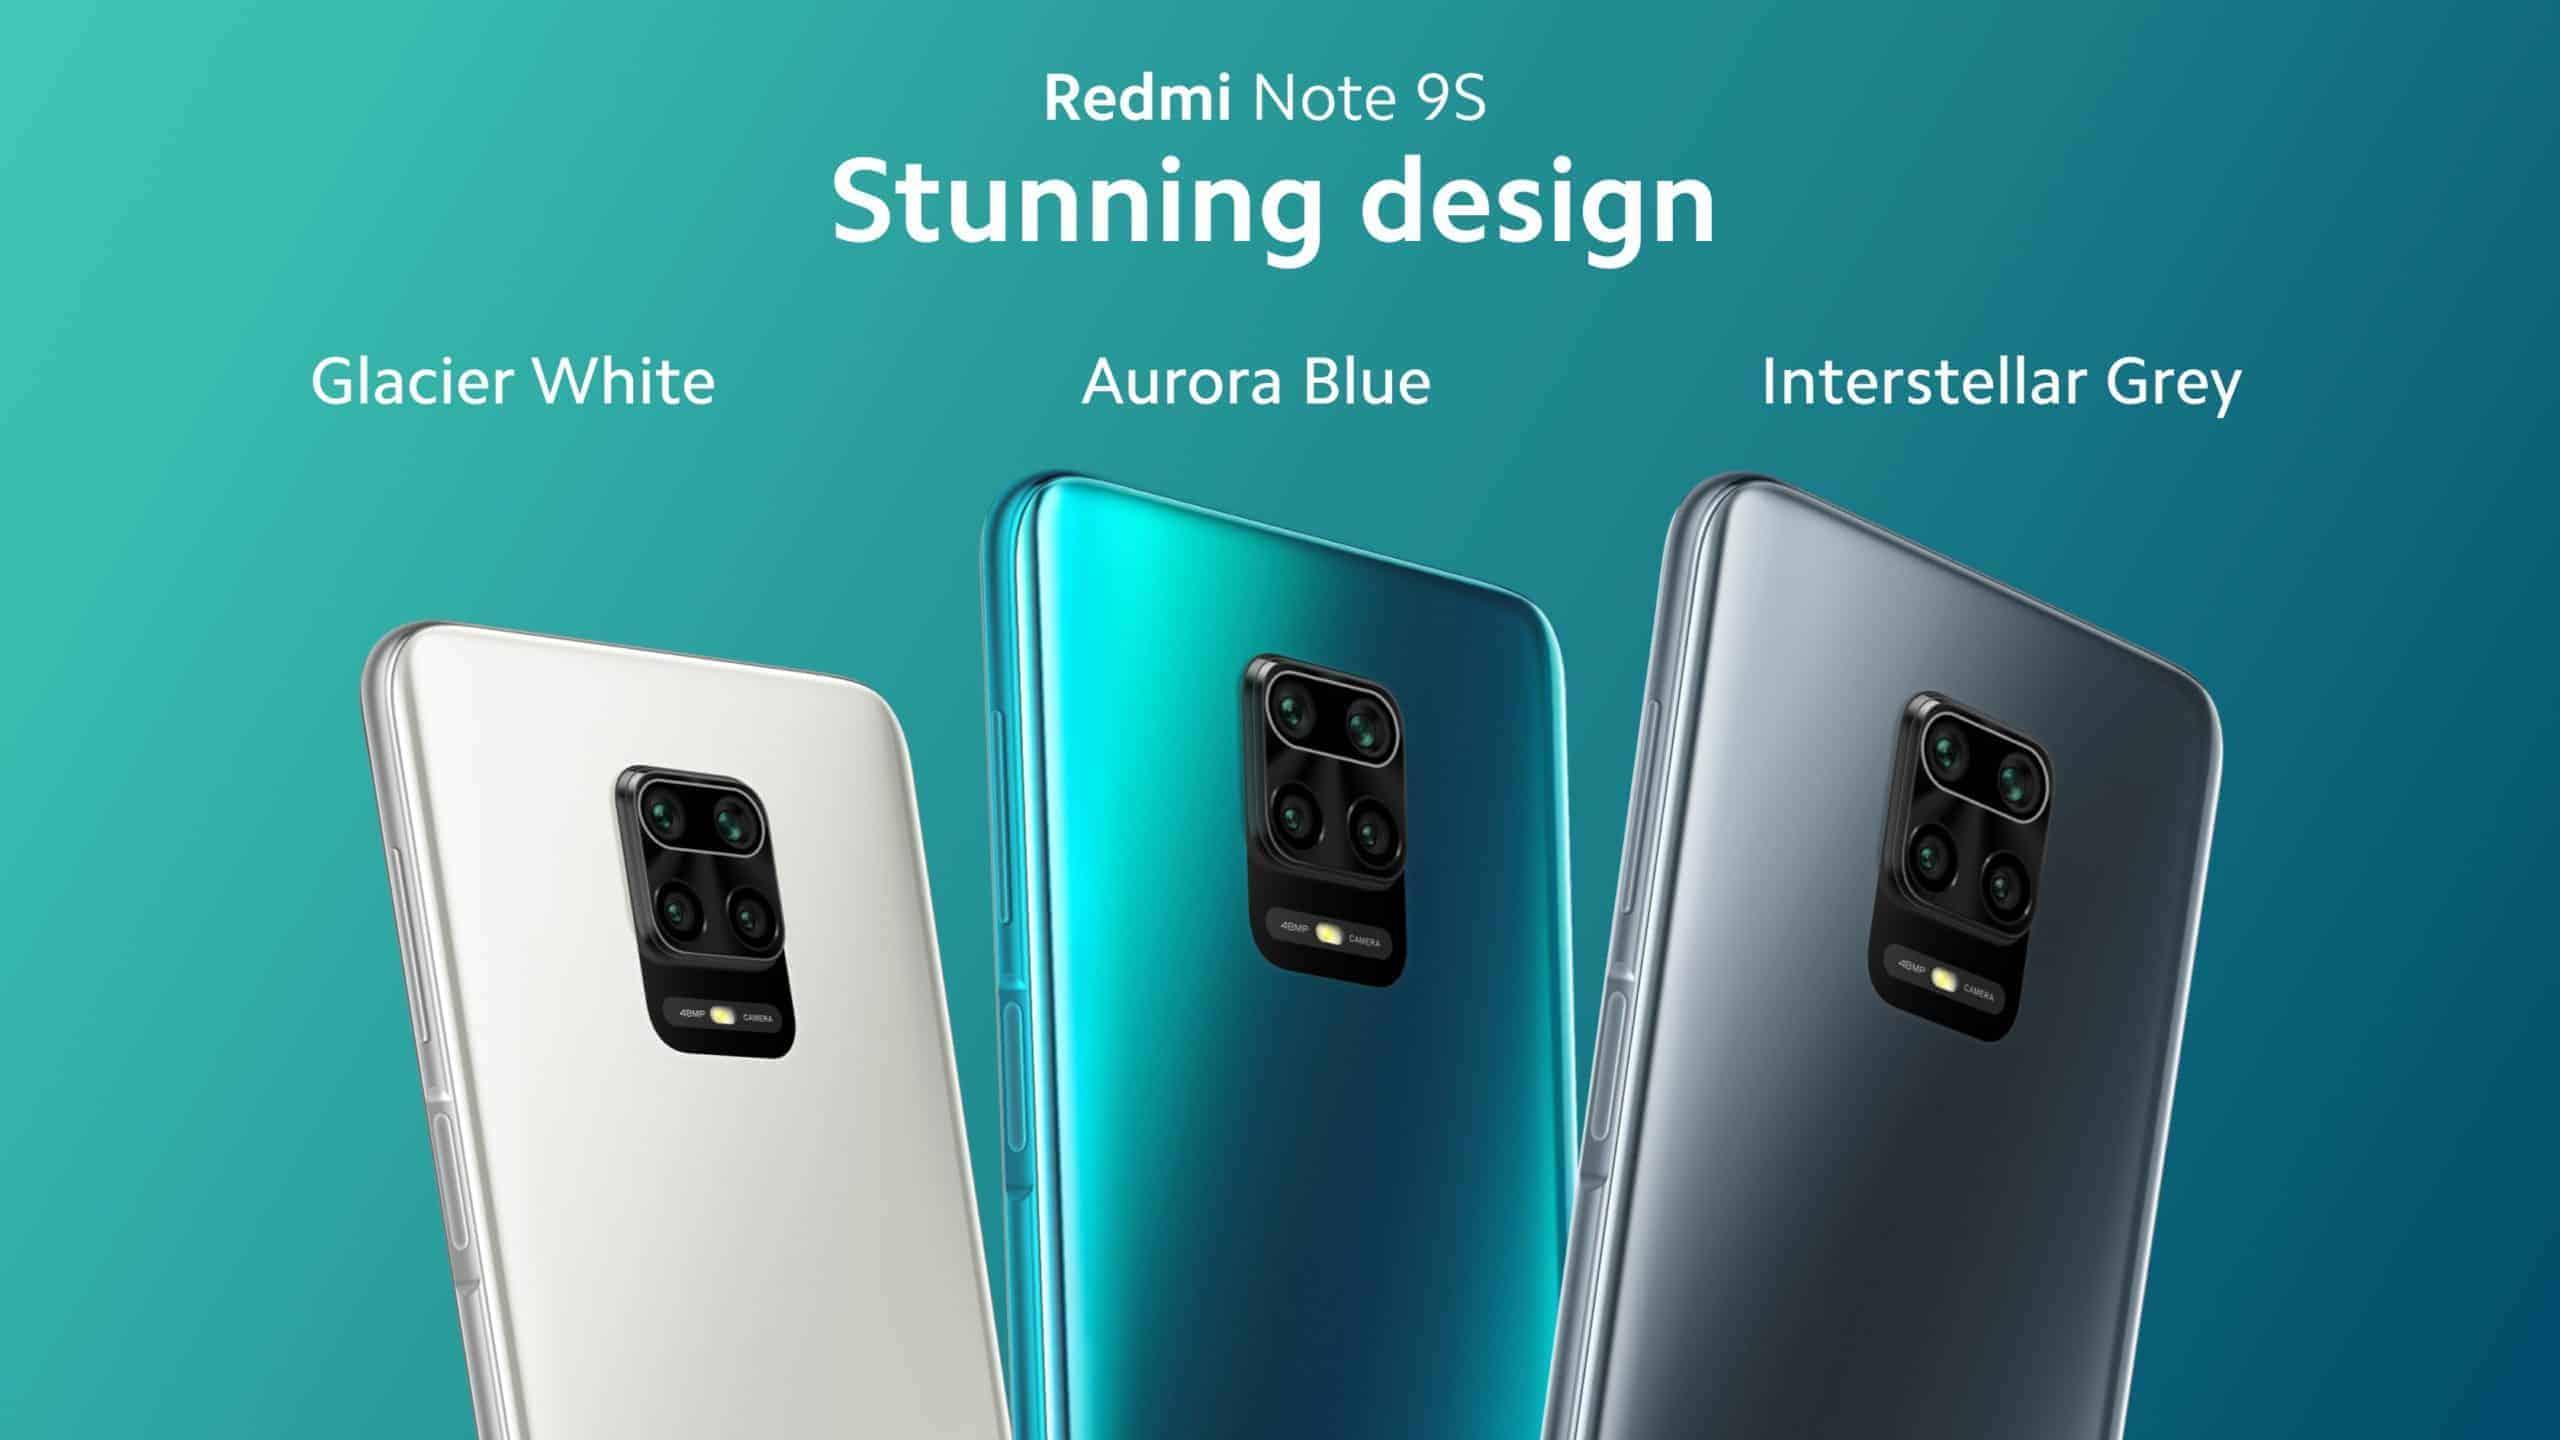 Redmi Note 9S image 6